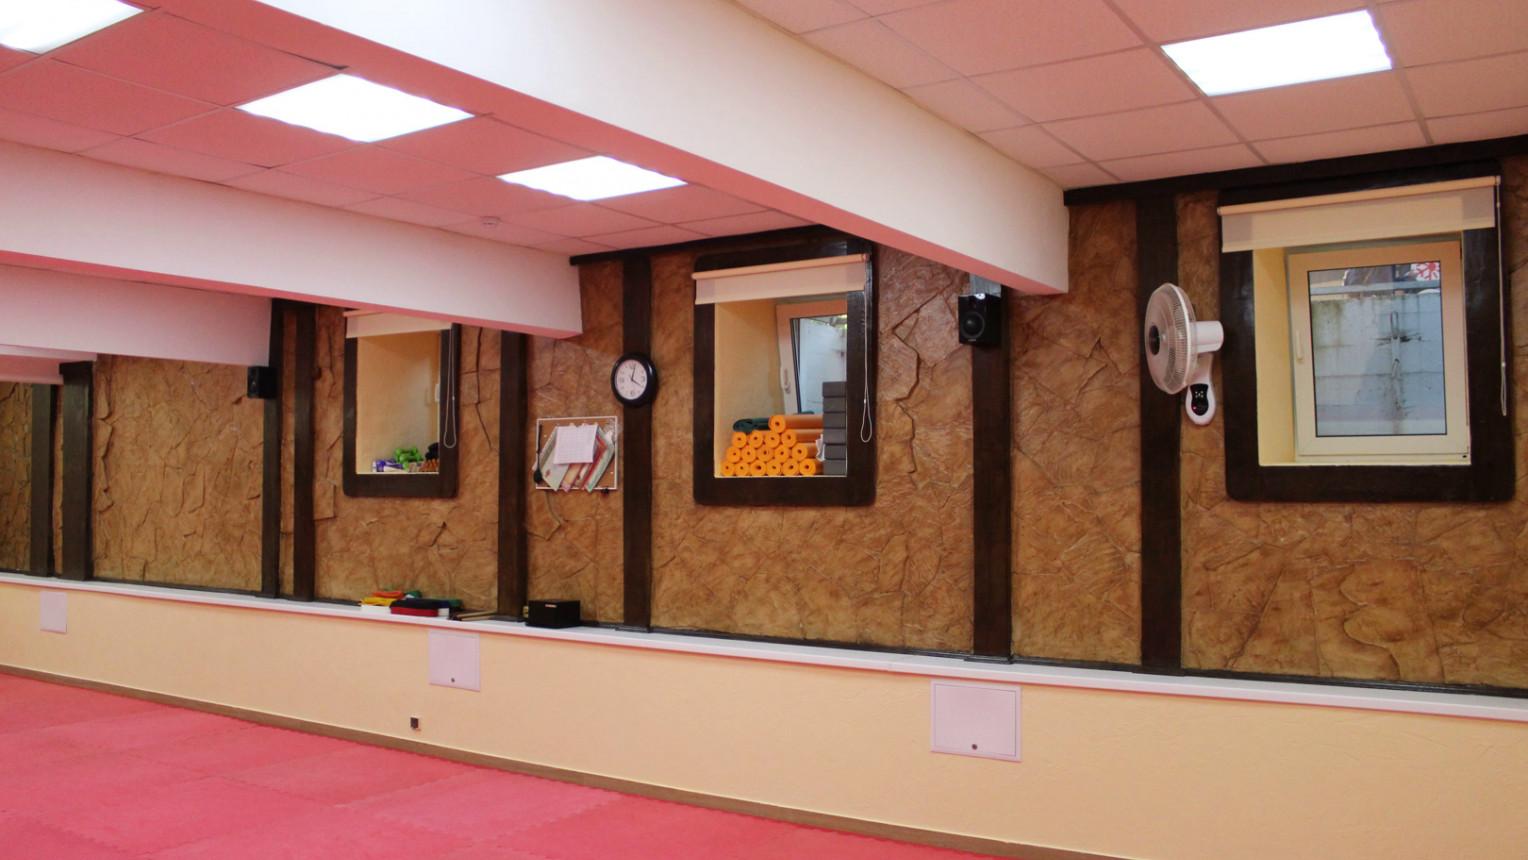 Спортивный зал для единоборств и спорта - фото №1